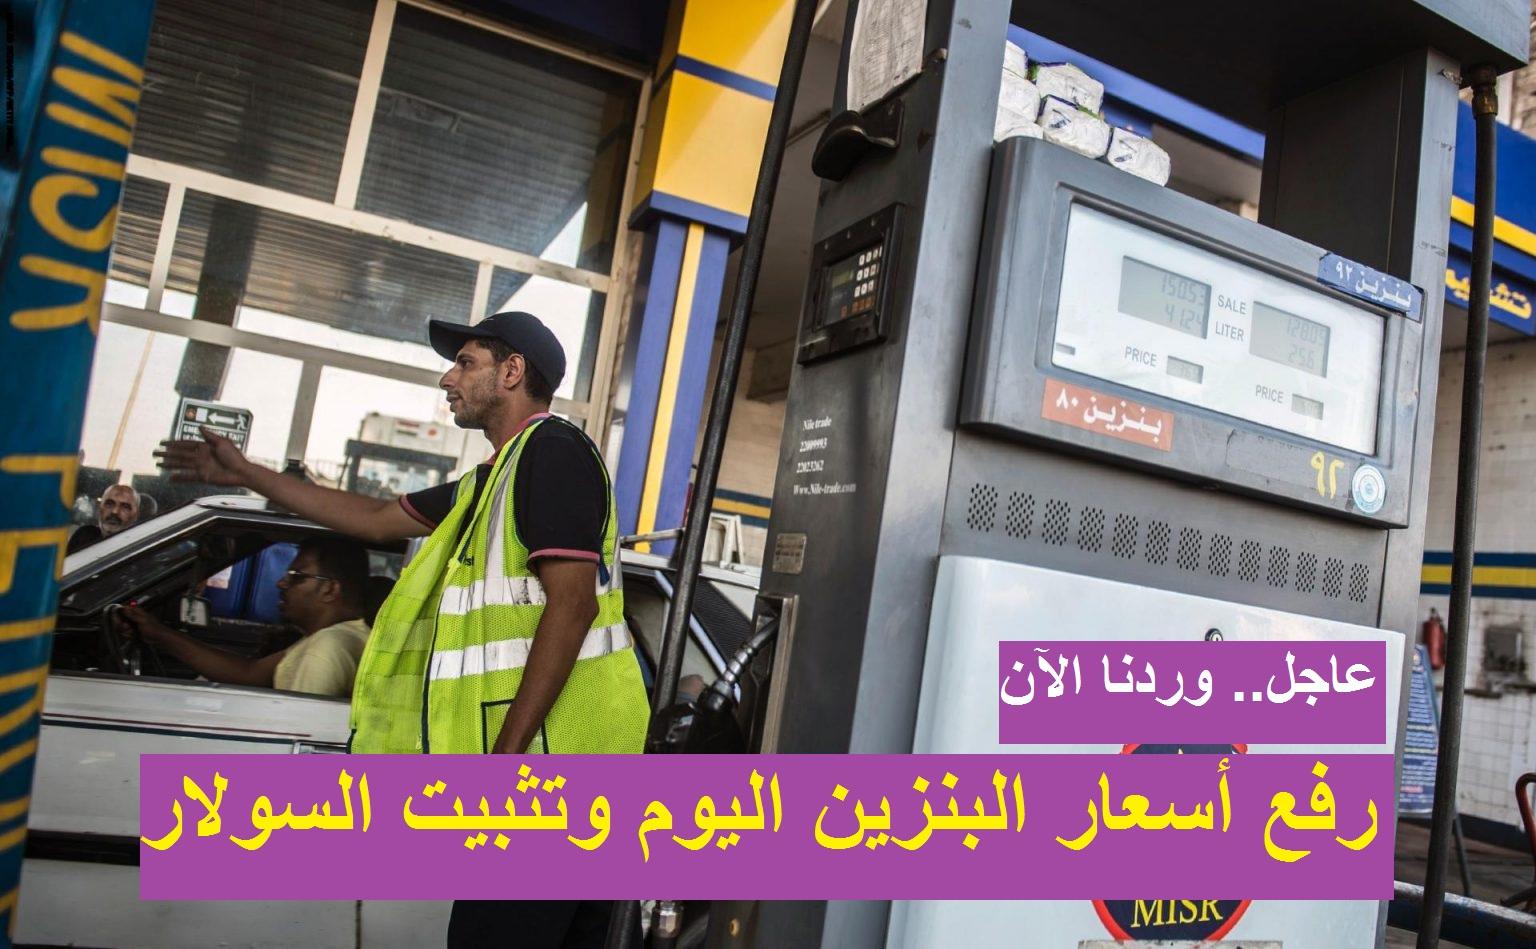 رسميًا.. أسعار البنزين الجديدة بدايةً من اليوم الجمعة بعد رفع سعر البنزين وثبيت سعر السولار